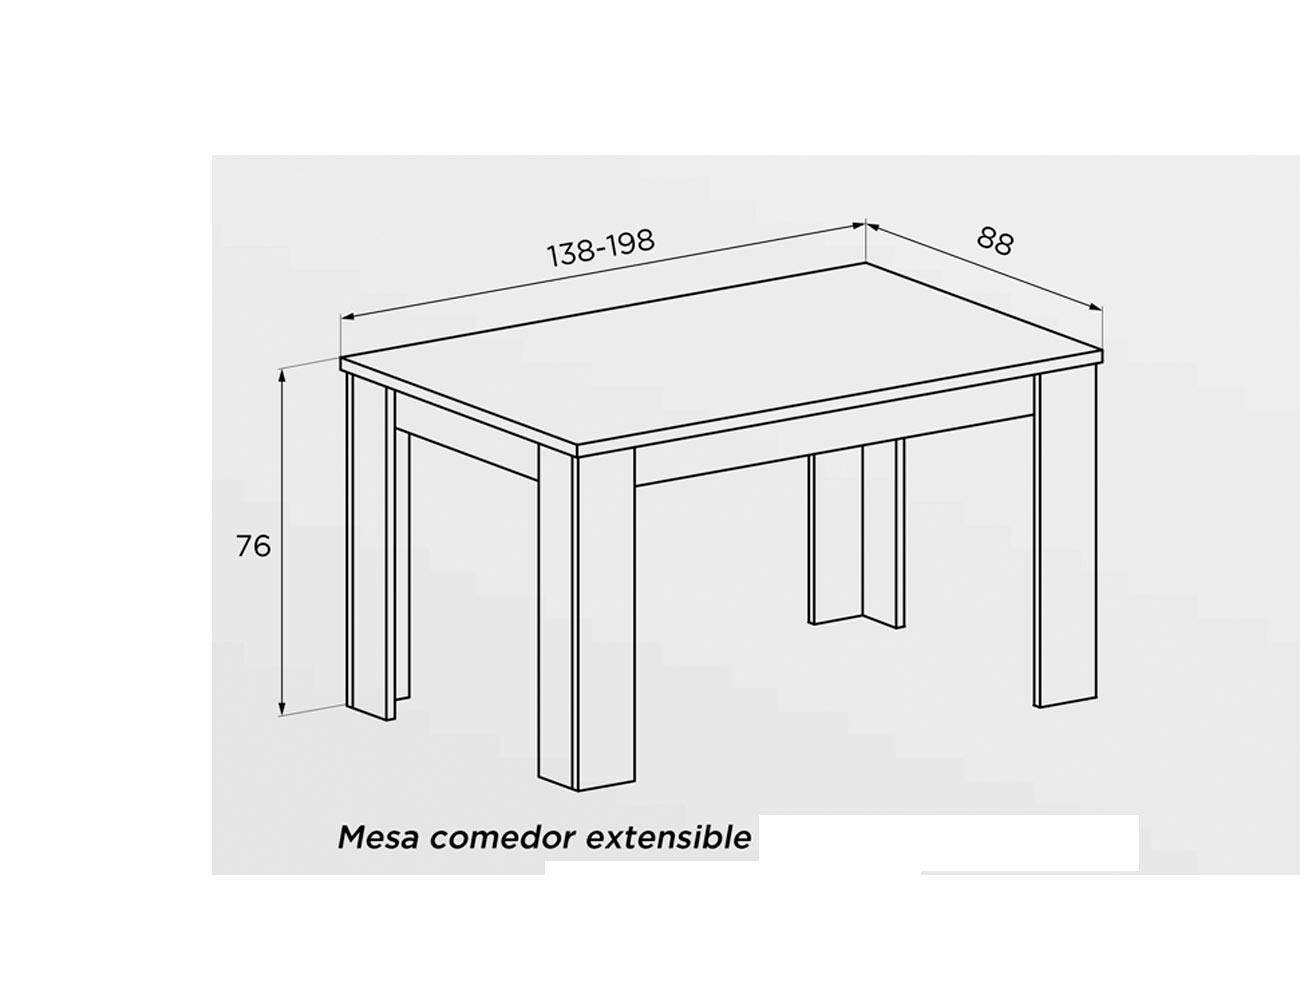 Mesa comedor extensible1